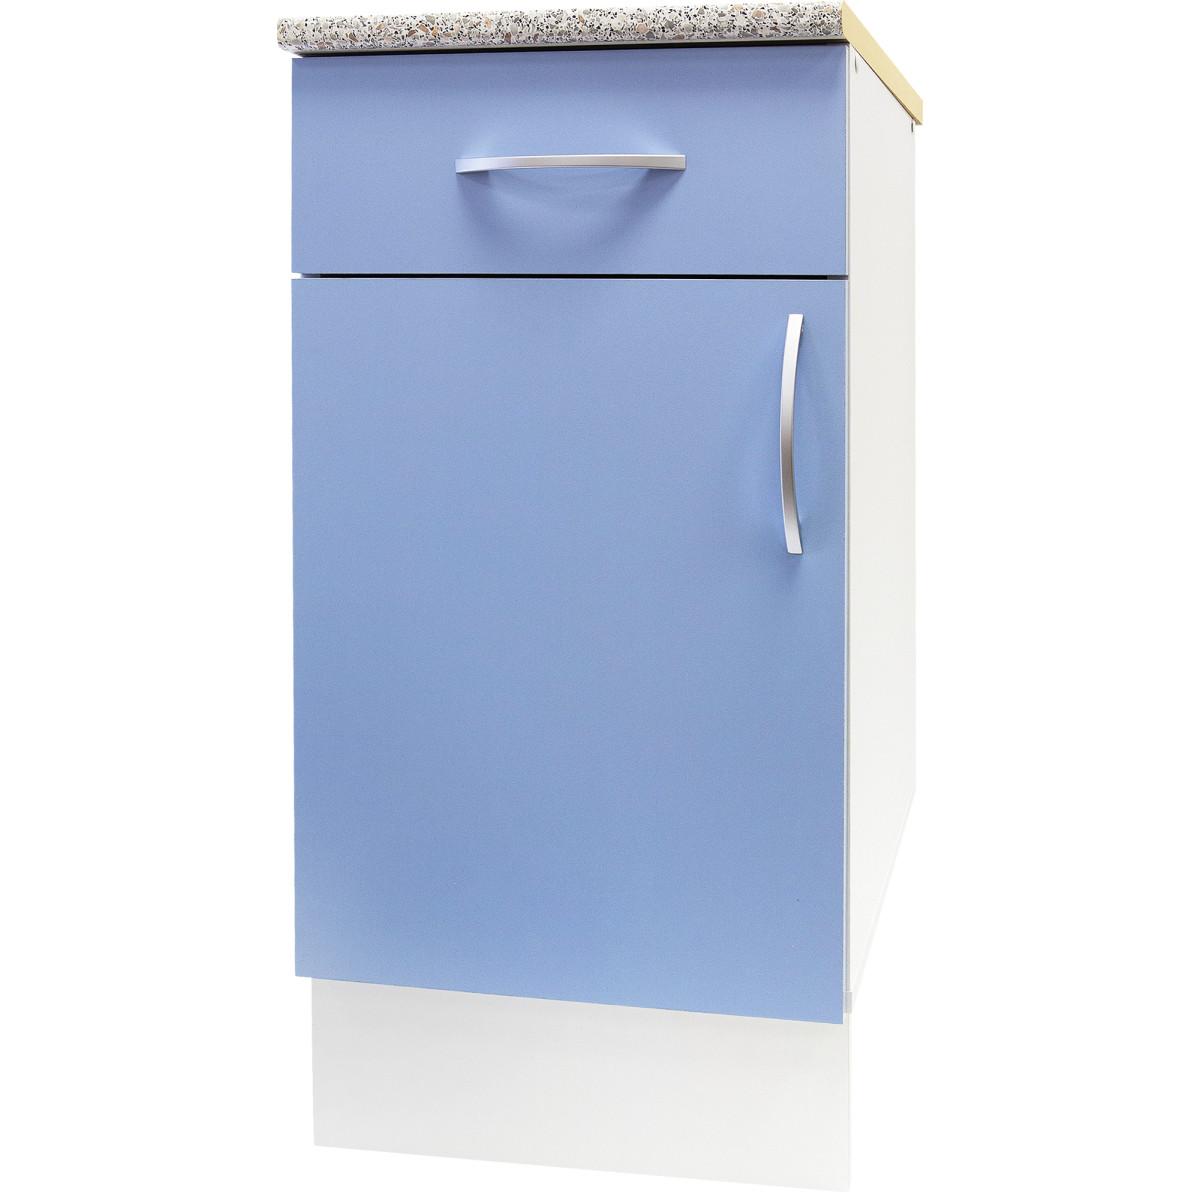 Шкаф напольный Лагуна Д с фасадом и одним ящиком 86х40 см цвет голубой